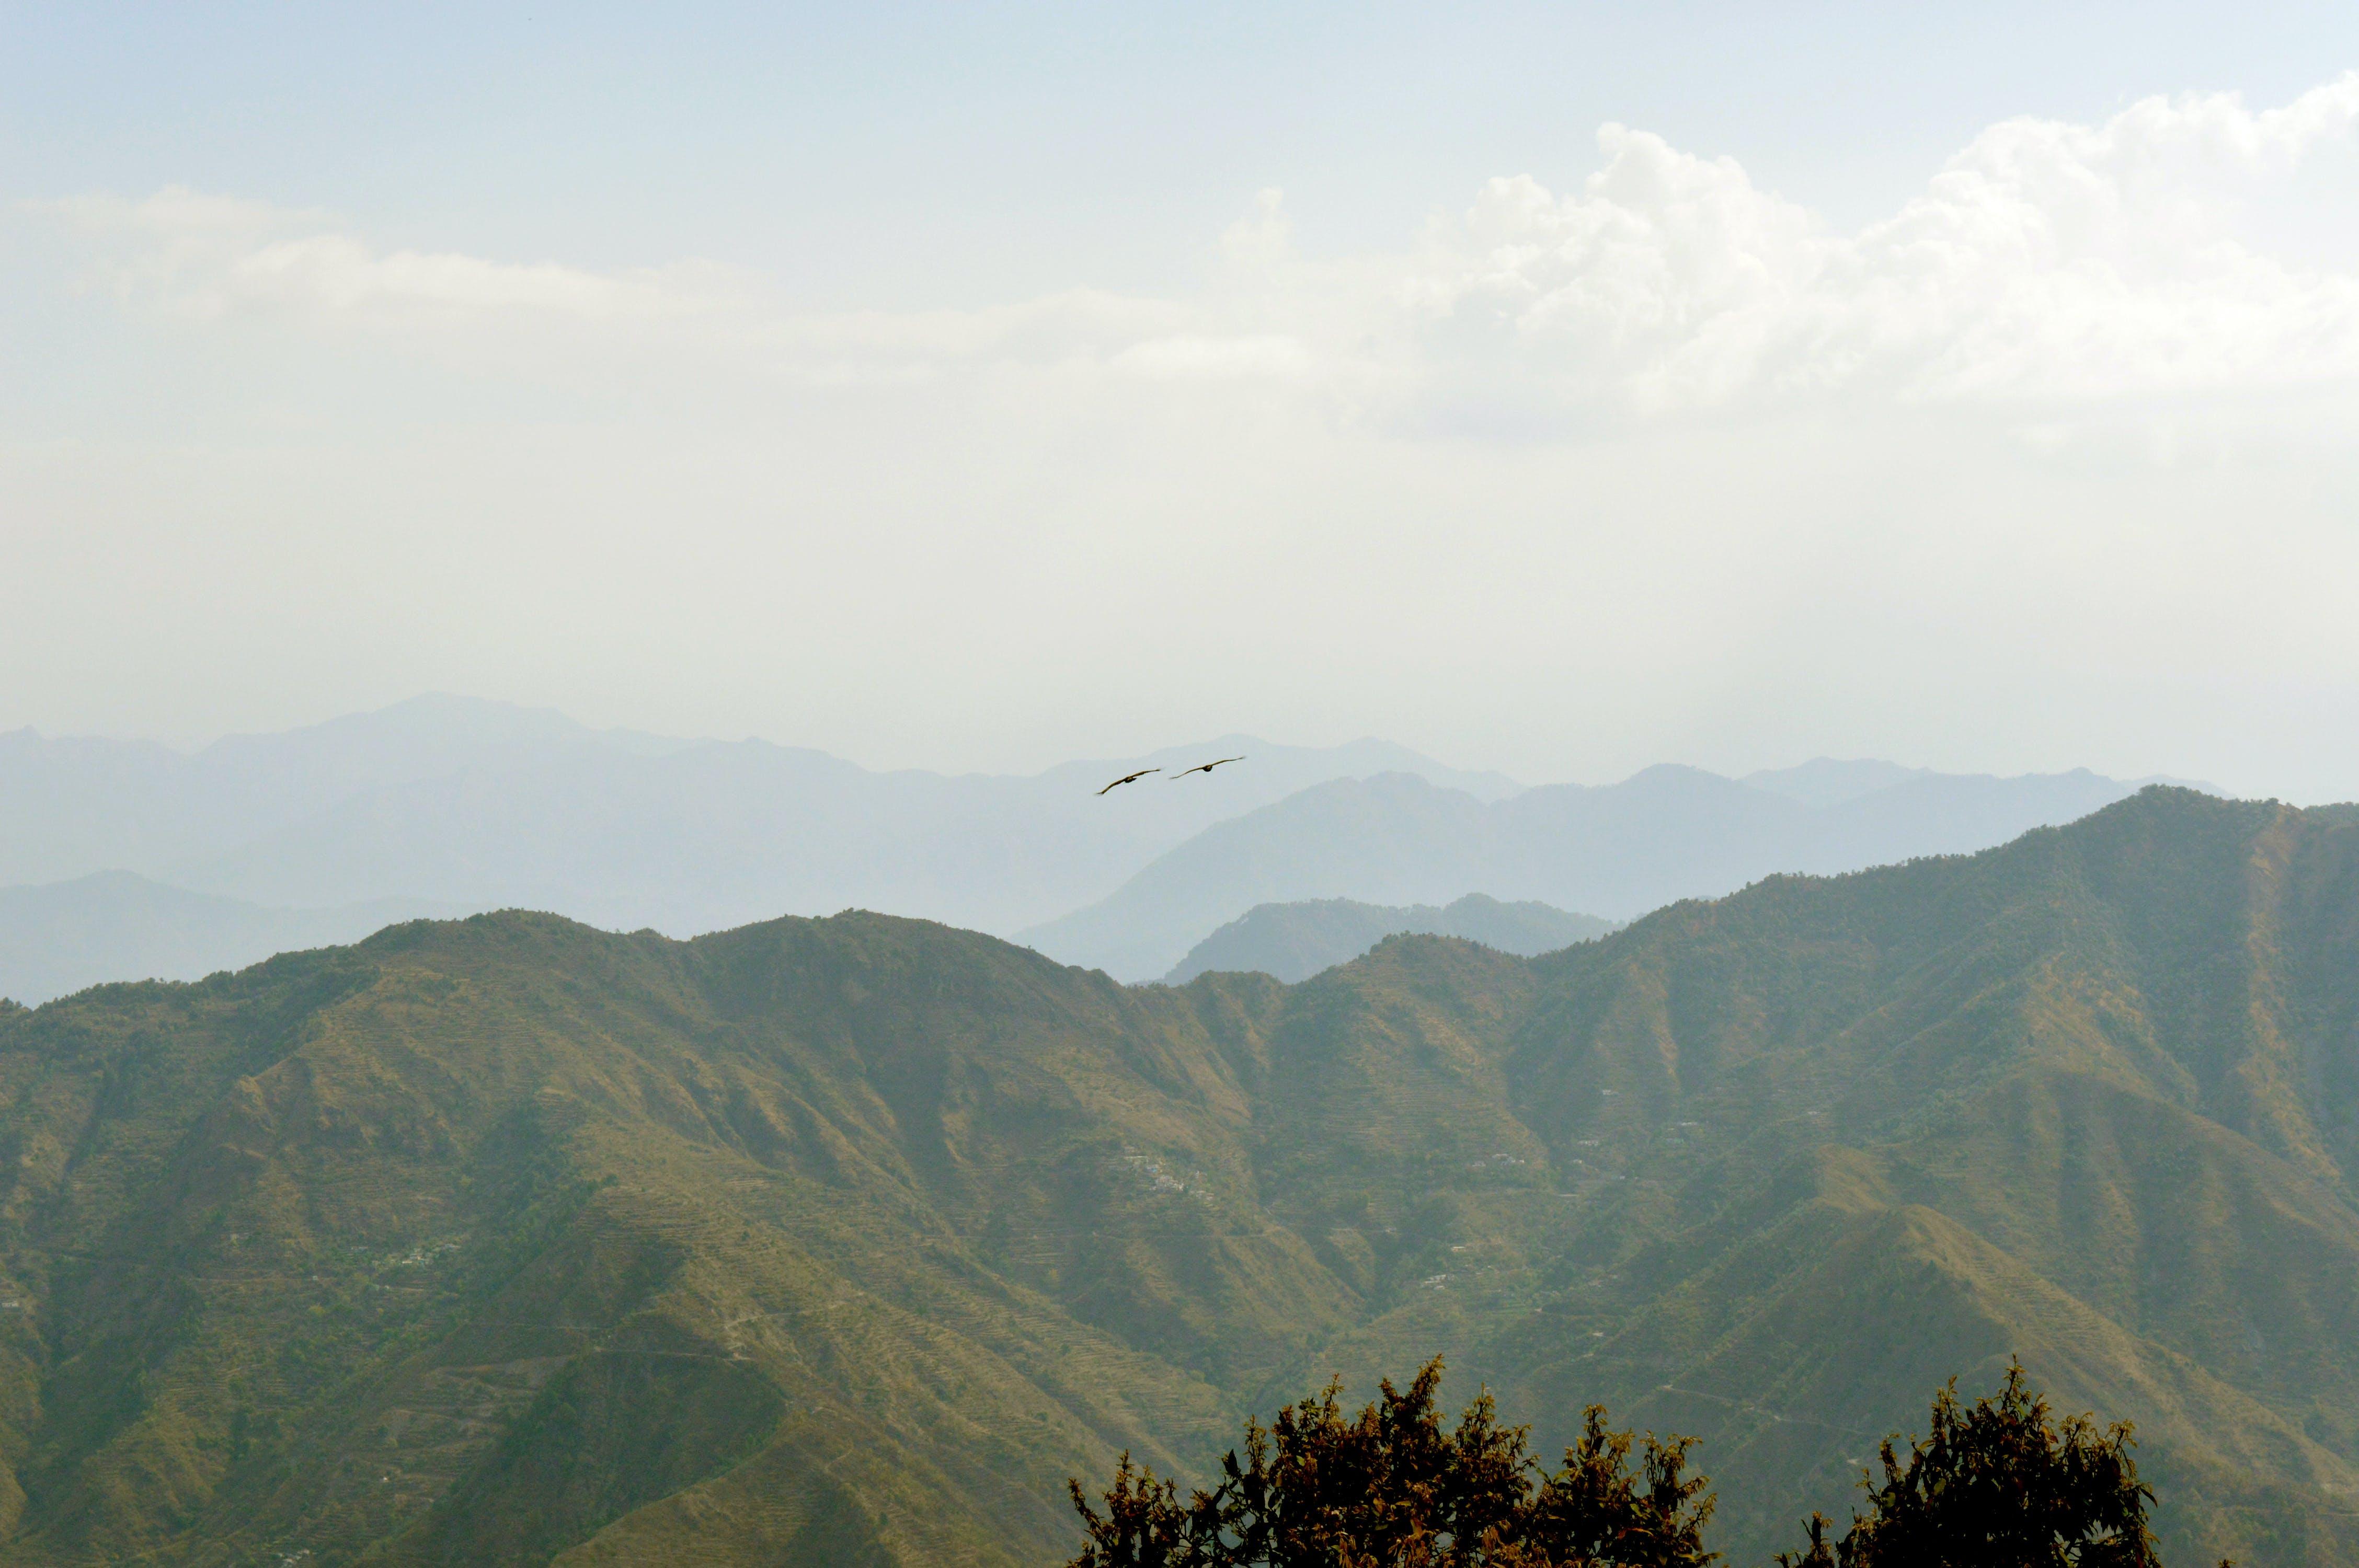 Free stock photo of mountains, eagle